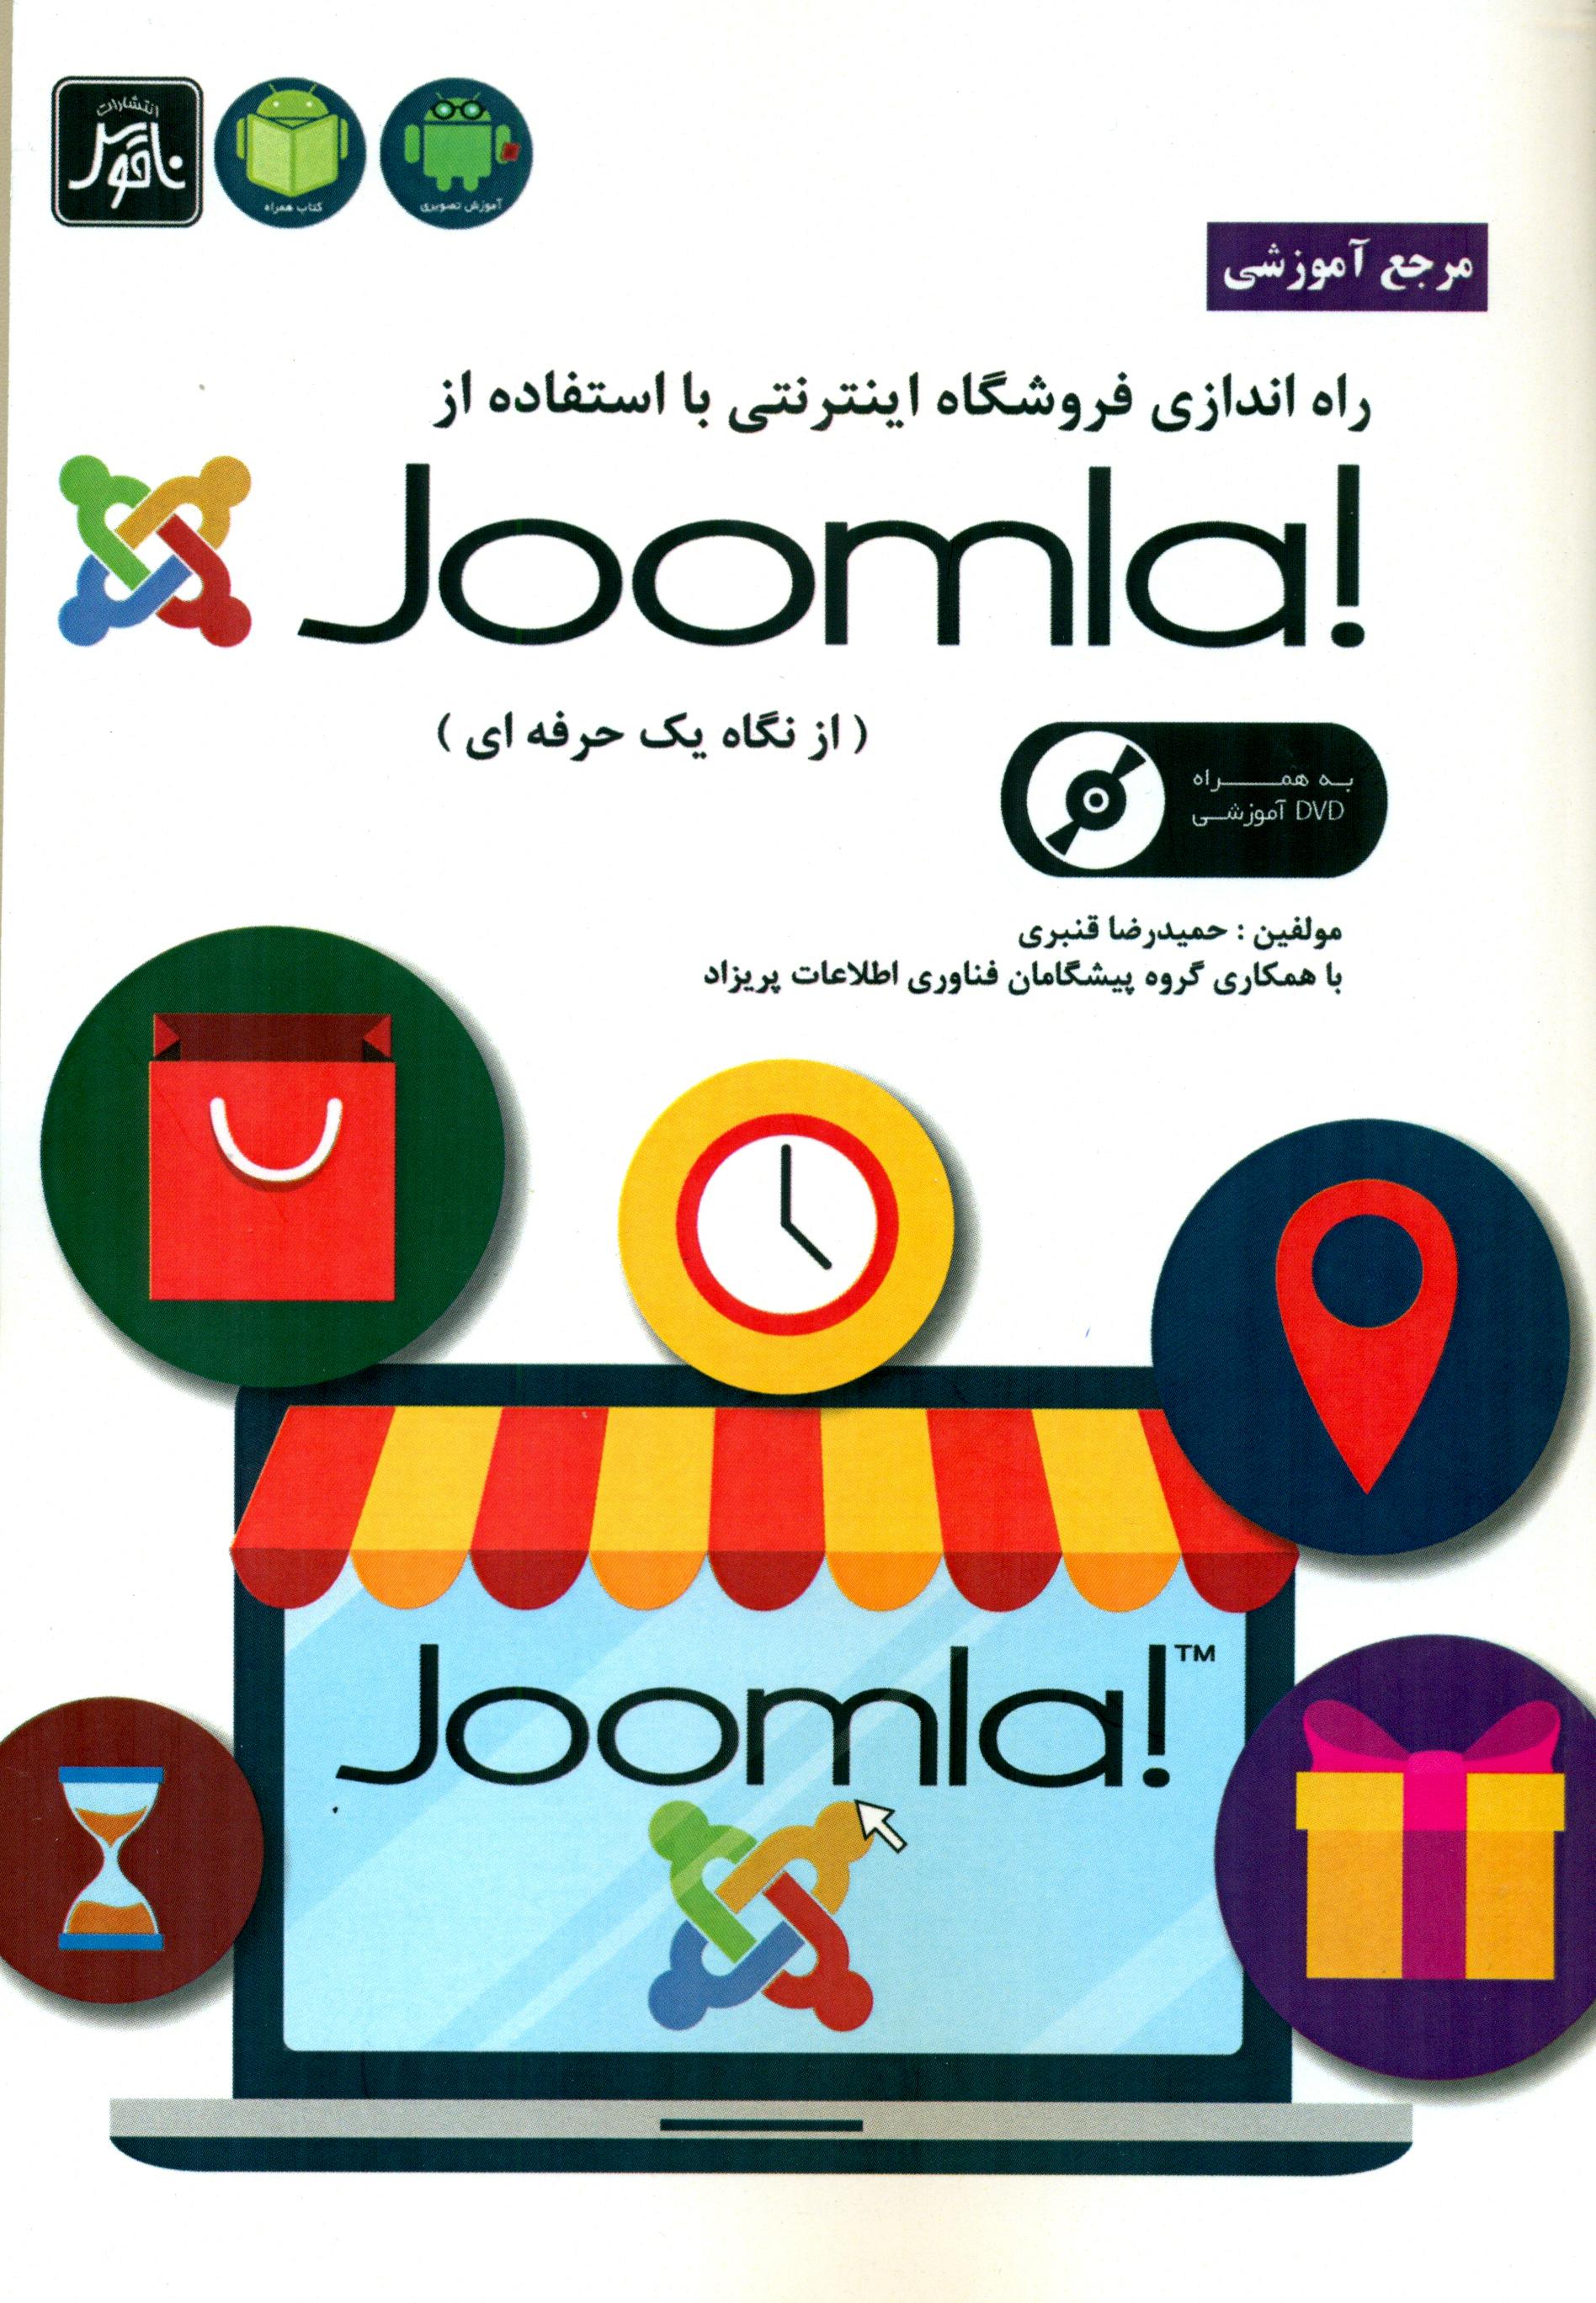 مرجع |آموزشي راه اندازي فروشگاه اينترنتي بااستفاده از Joomla